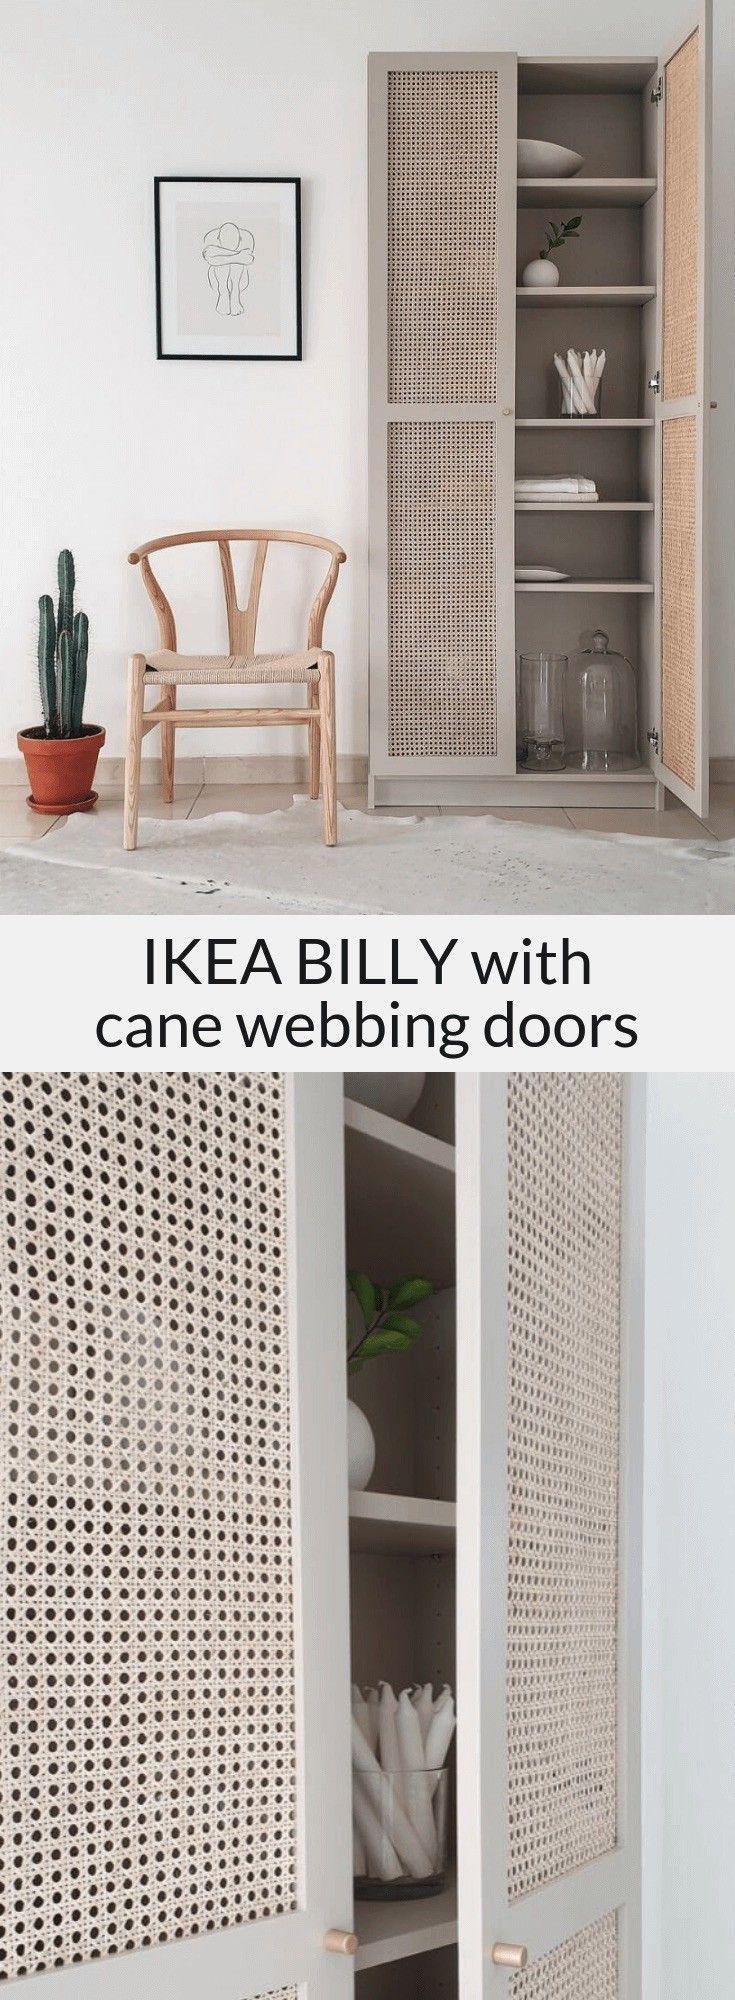 IKEA BILLY cane furniture hack featuring custom ca…